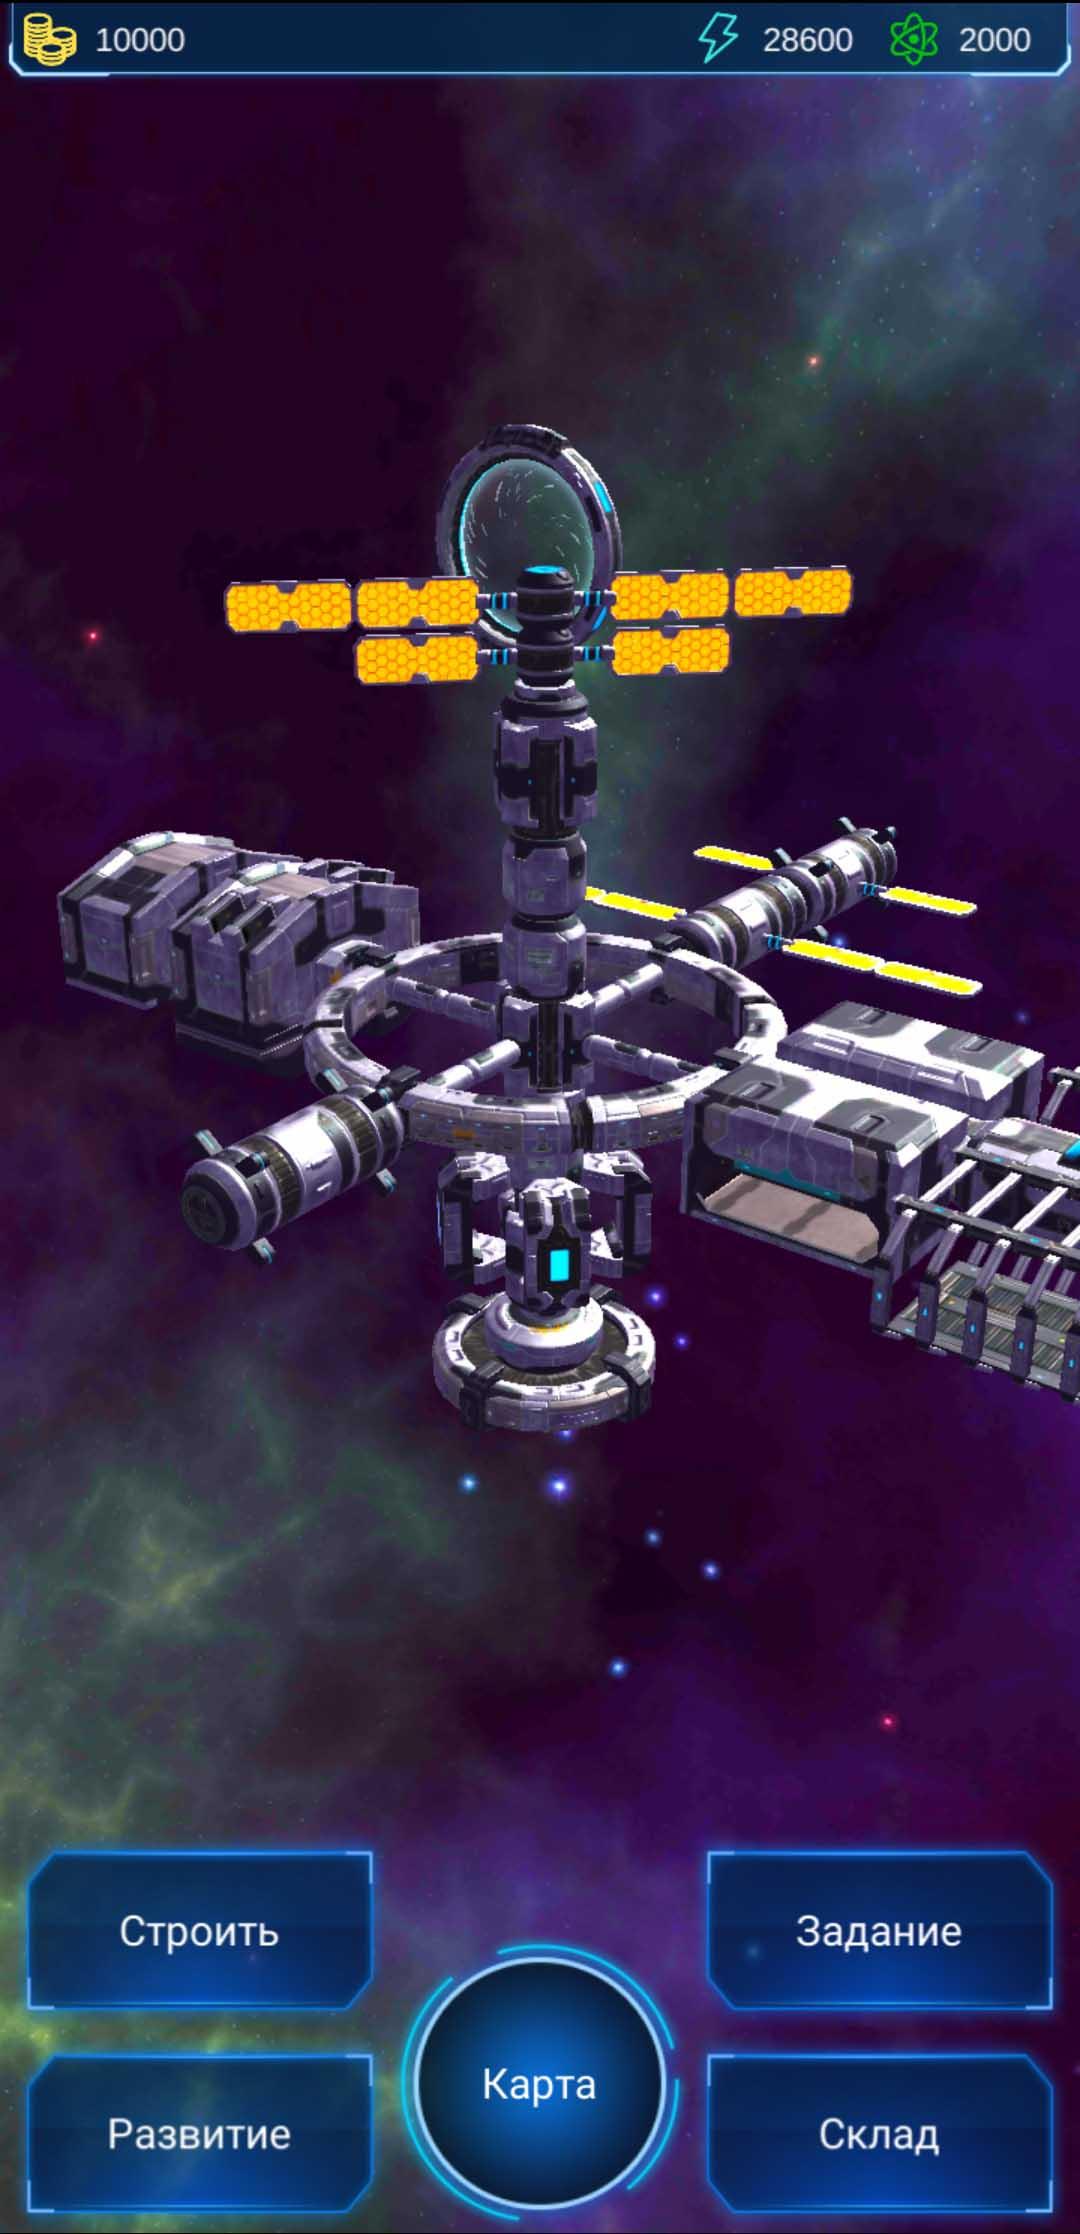 Space miner 1 | Space miner добываем ресурсы из астероидов и строим космическую станцию